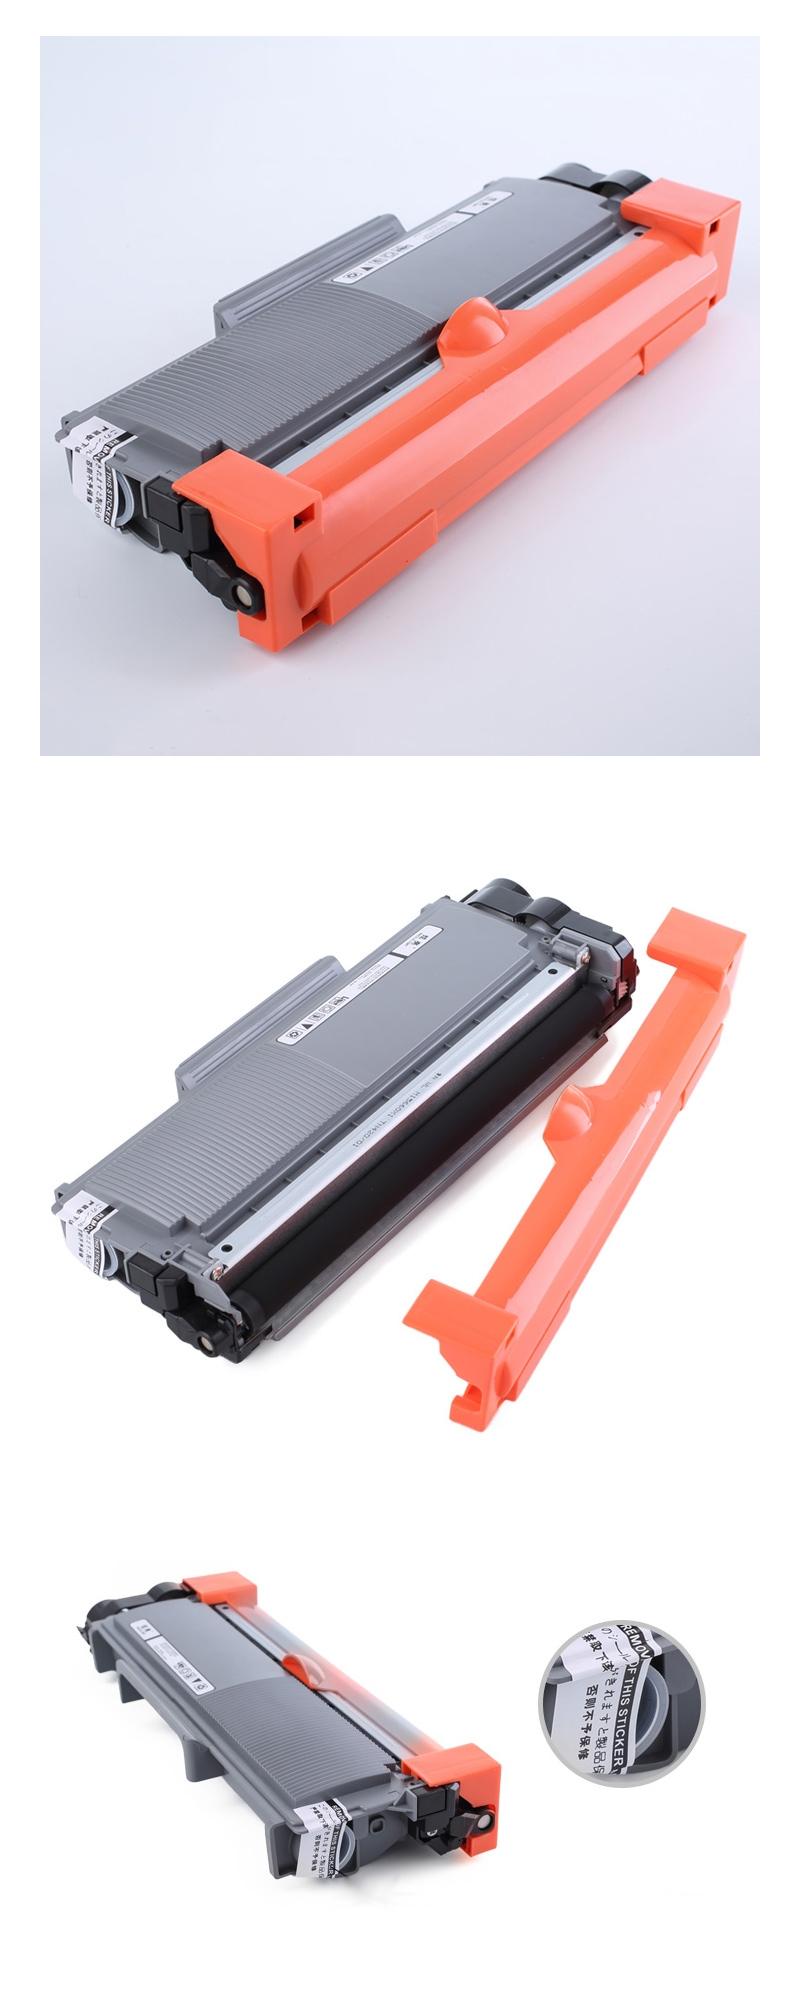 Toner Fuji Xerox M225dw P225db Compatible P225 Fujixerox Dpm225dw New Laser Printer Docuprint